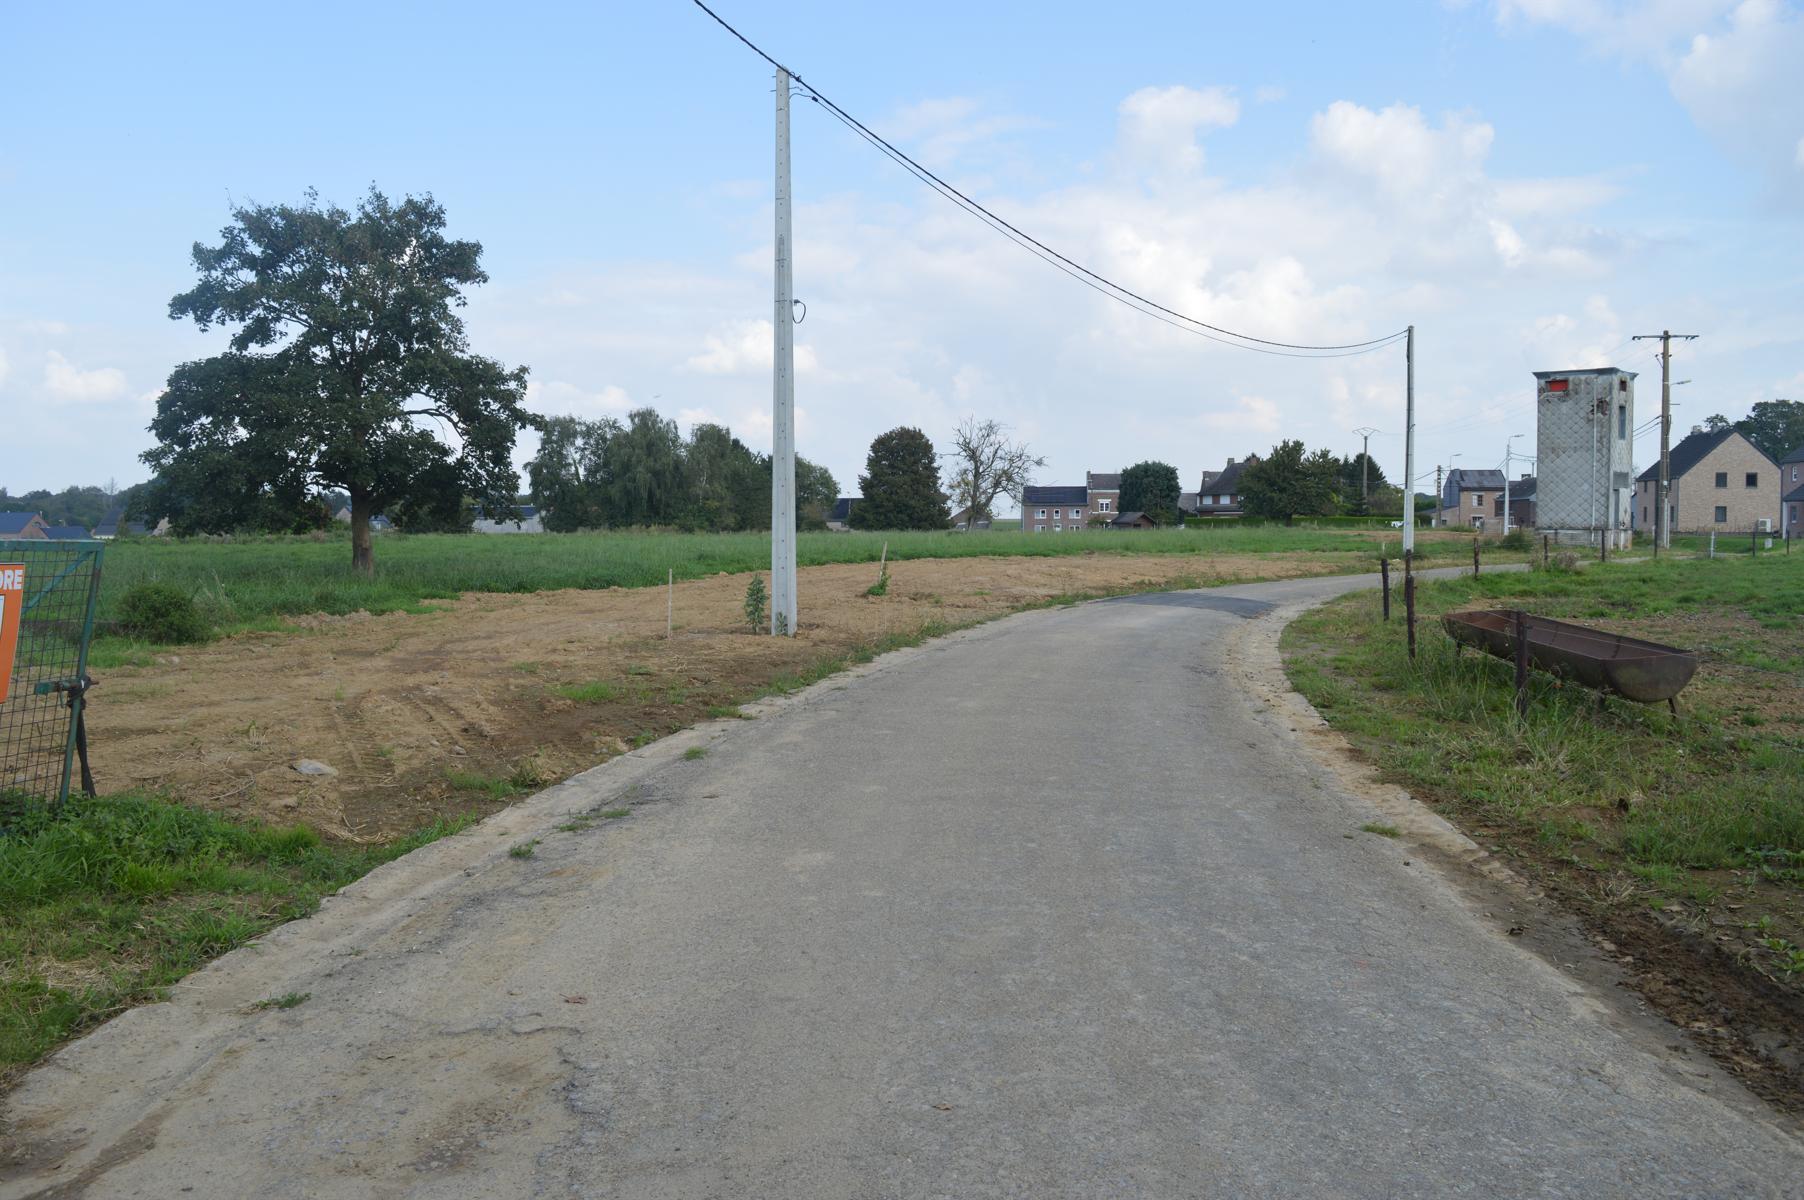 Terrain à bâtir - Villersle-Bouillet Vauxet-Borset - #4515629-1